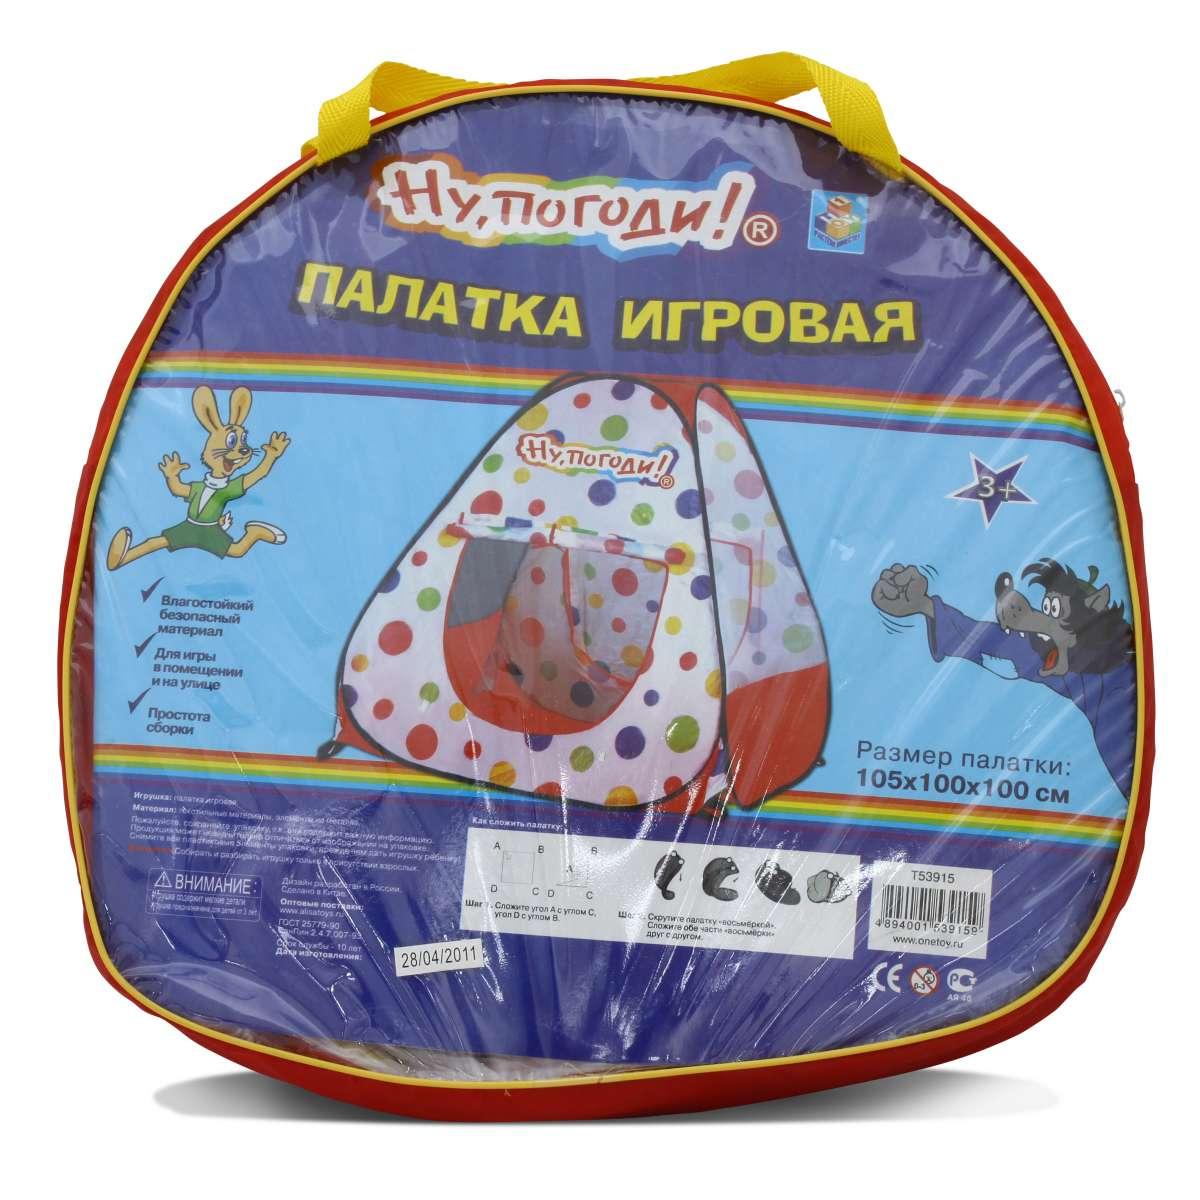 1TOY Детская игровая палатка в сумке Ну, погоди! Т53915Т53915Детская игровая палатка в сумке. Размер 104х100х25см